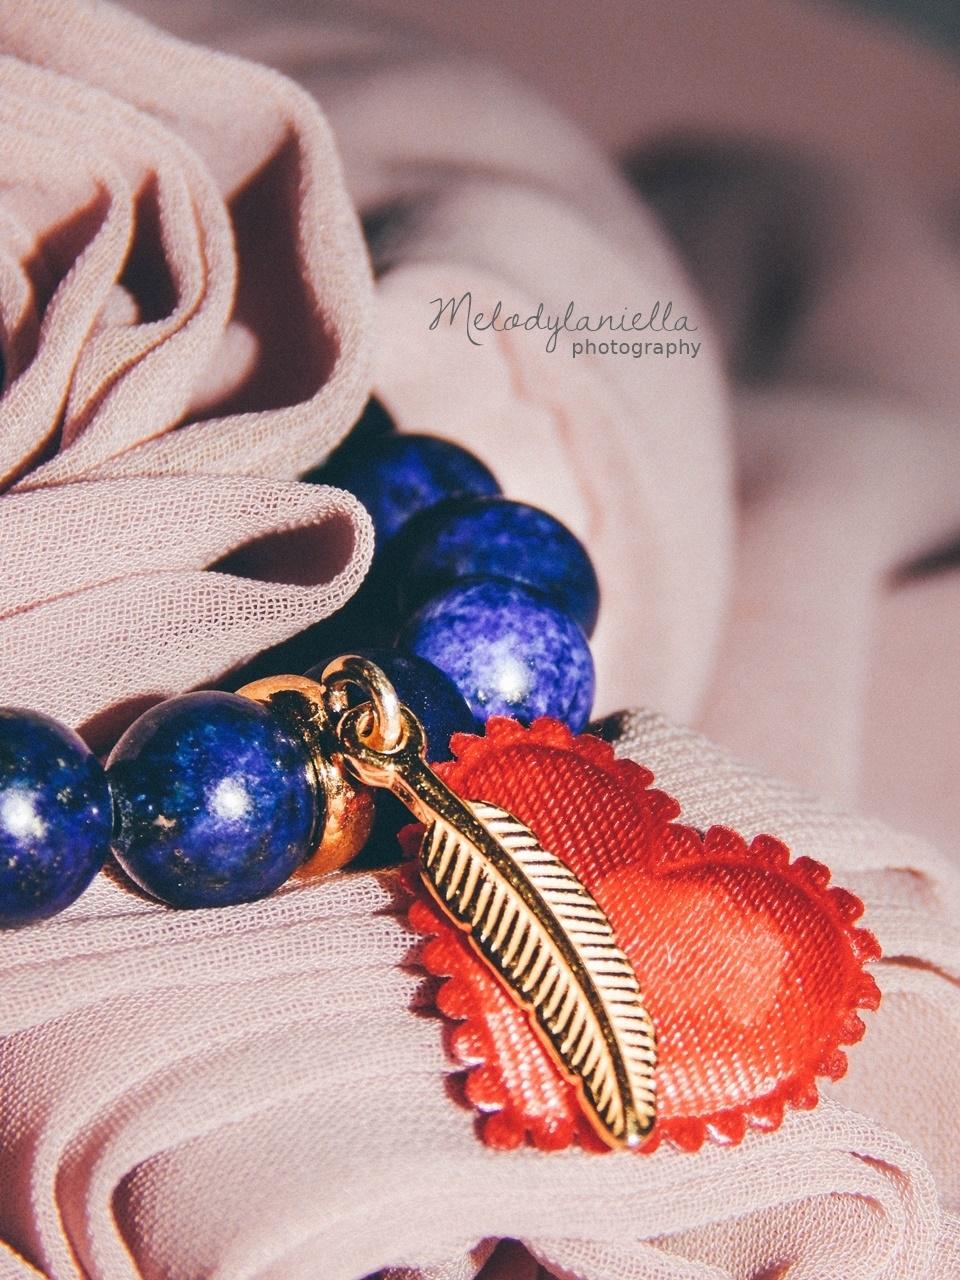 dzien kobiet prezent bransoletki dla kobiet bizuteria jewellery by Ana bizuteria bransoletki marmur charmsy 24k zloto skrzydla piórko marmur lapis lazuli